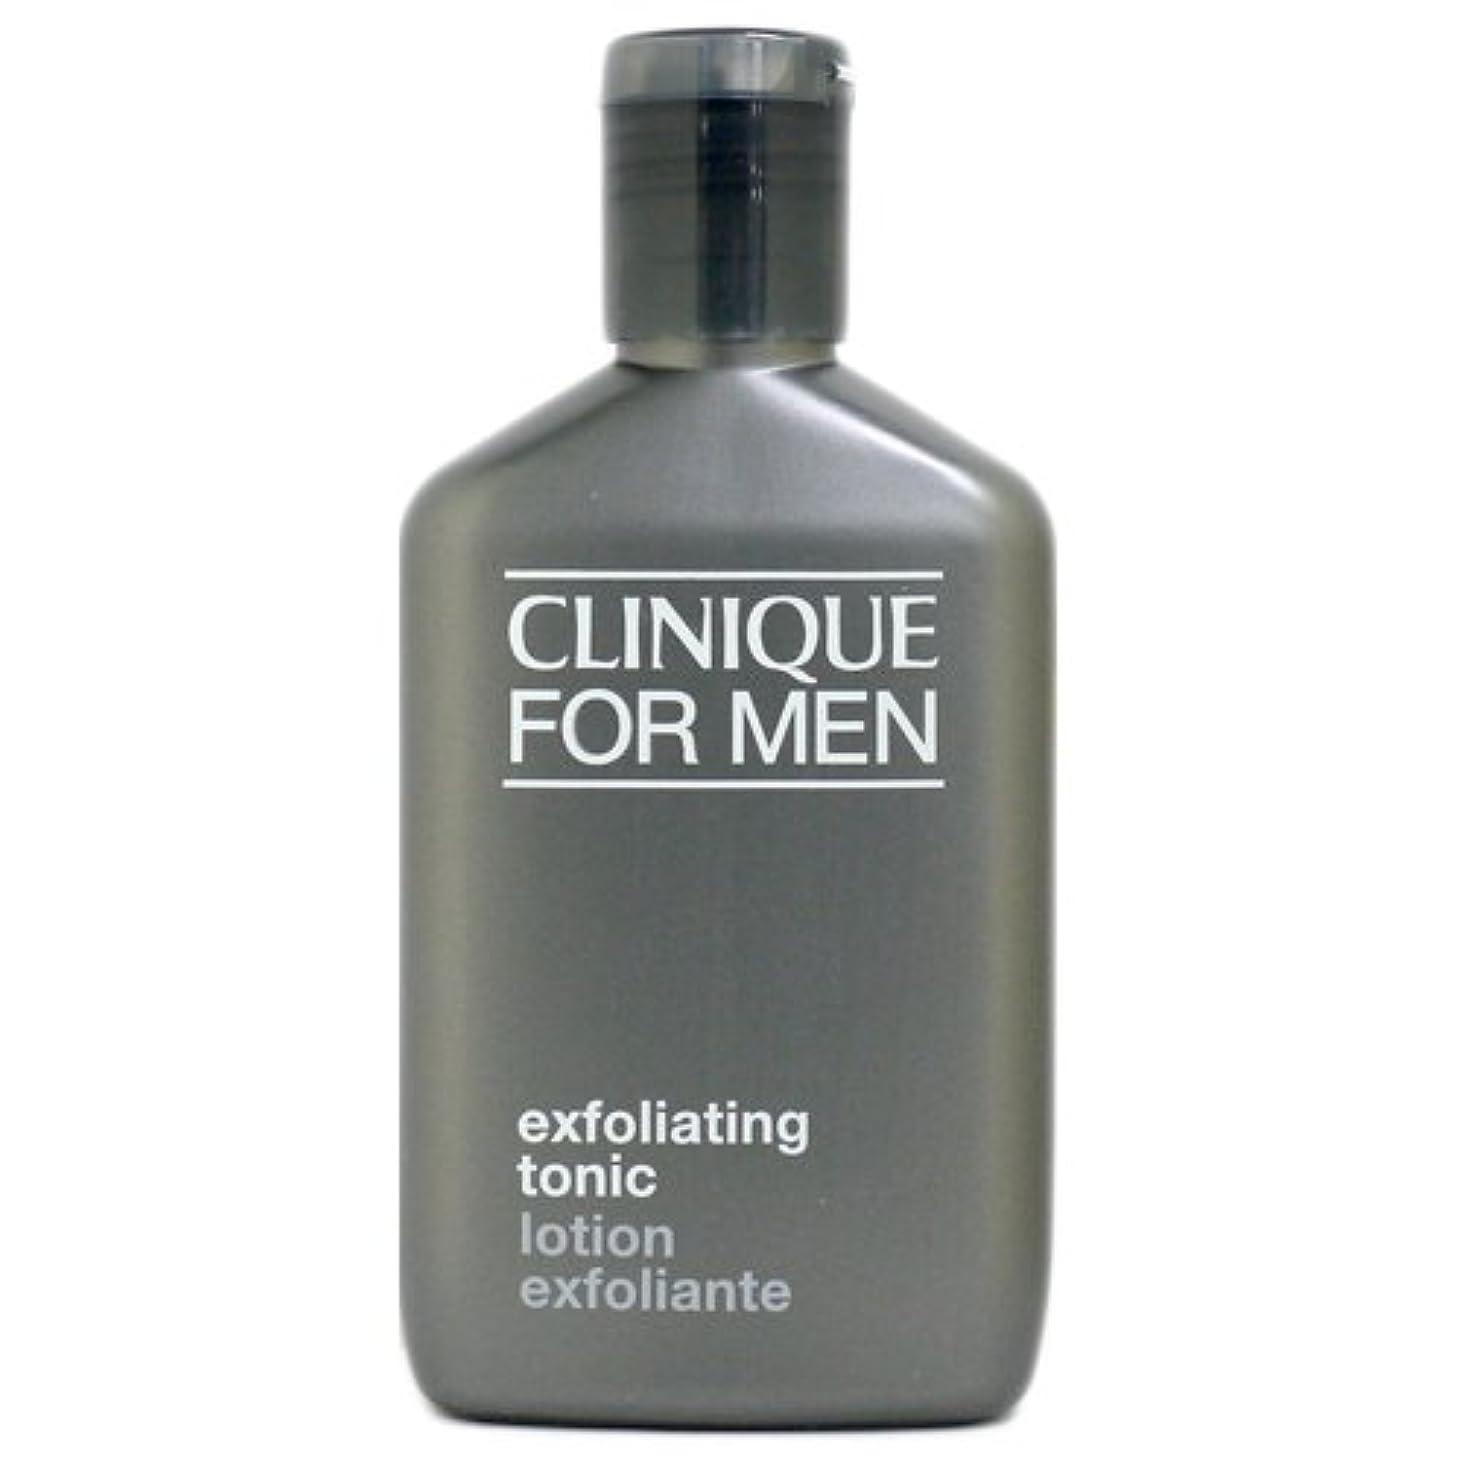 遷移保証上がるクリニークフォーメン(CLINIQUE FOR MEN) エクスフォリエーティング トニック 200ml[並行輸入品]